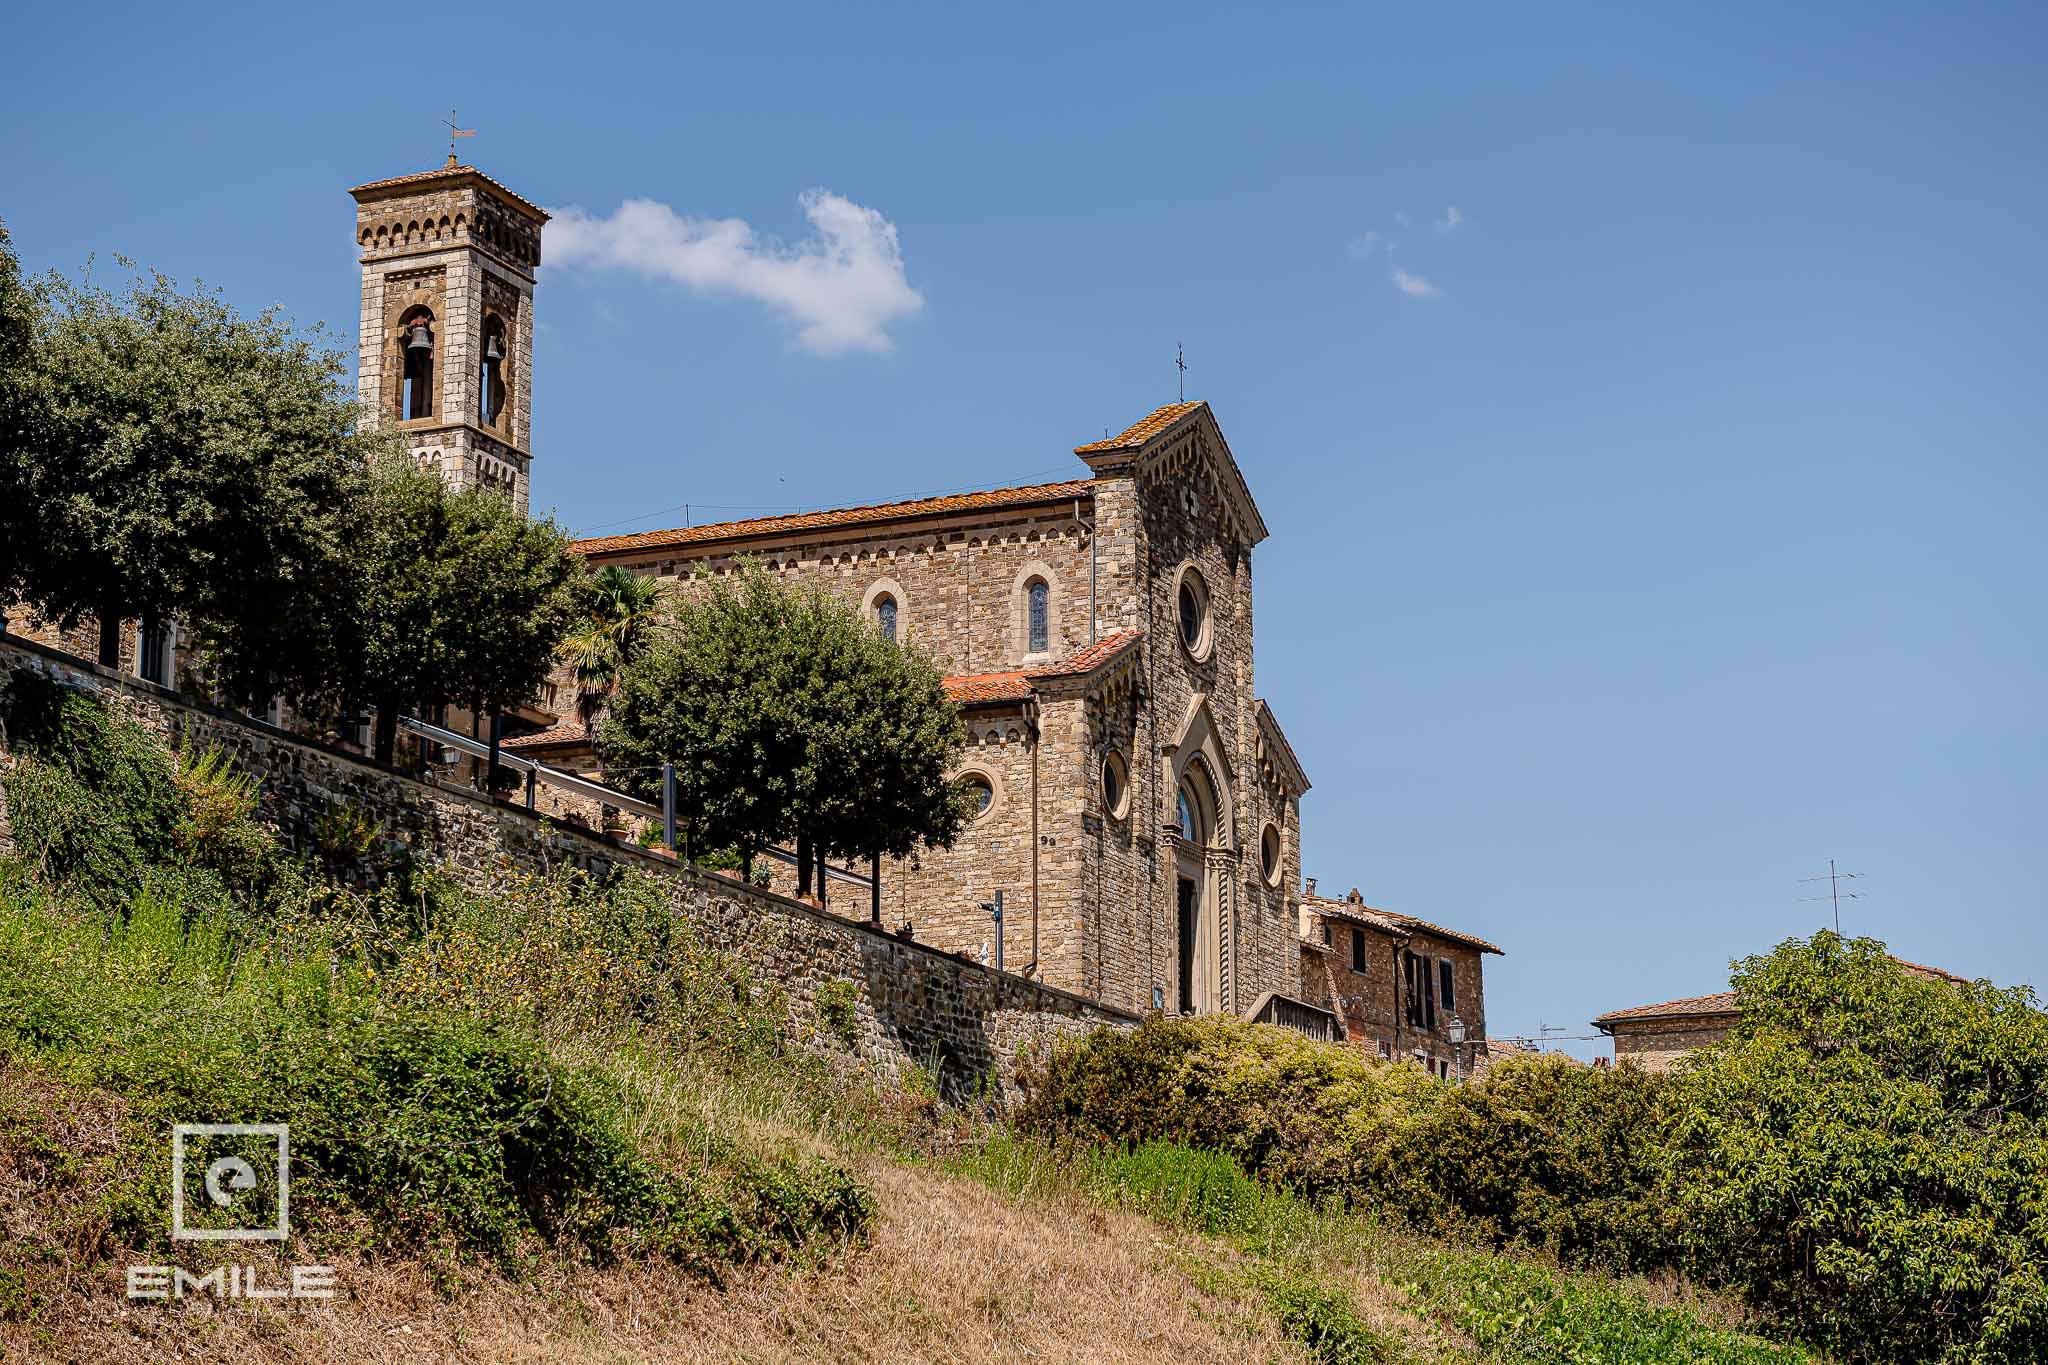 De kerk waar getrouwd gaat worden - Destination wedding San Gimignano - Toscane Italie - Iris en Job